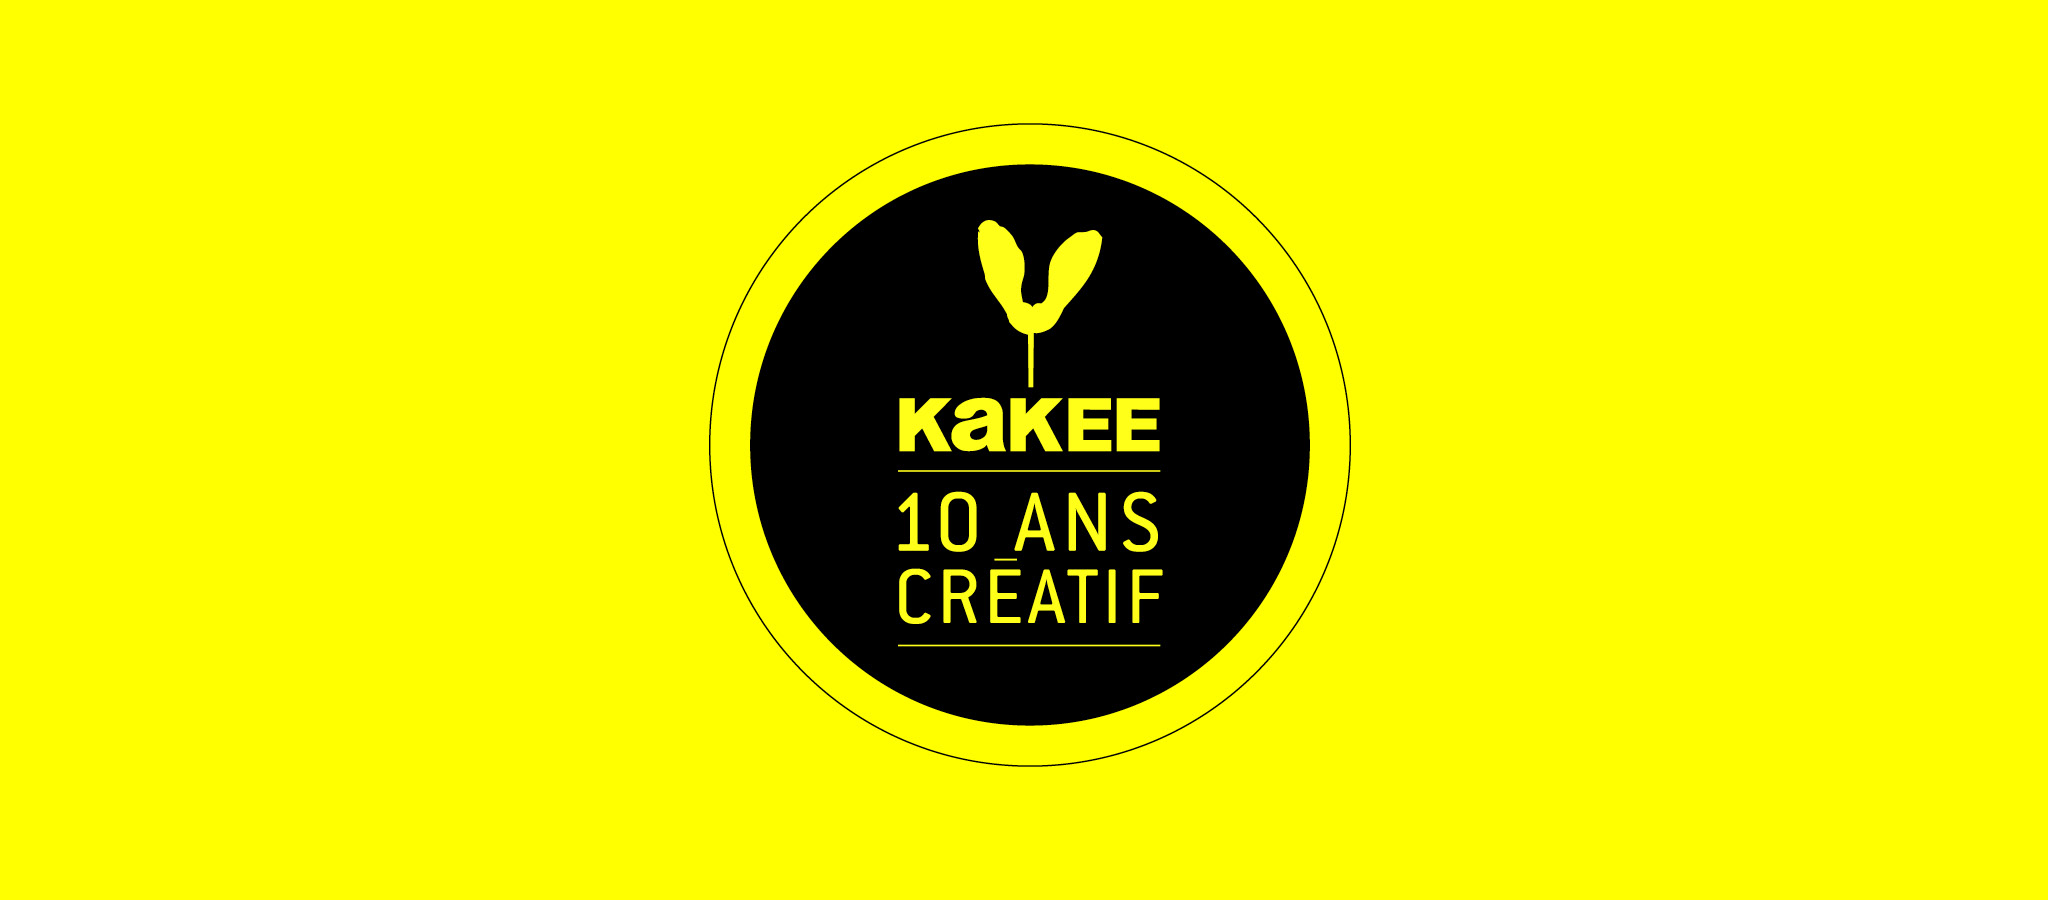 KAKEE fête ses 10 ans.